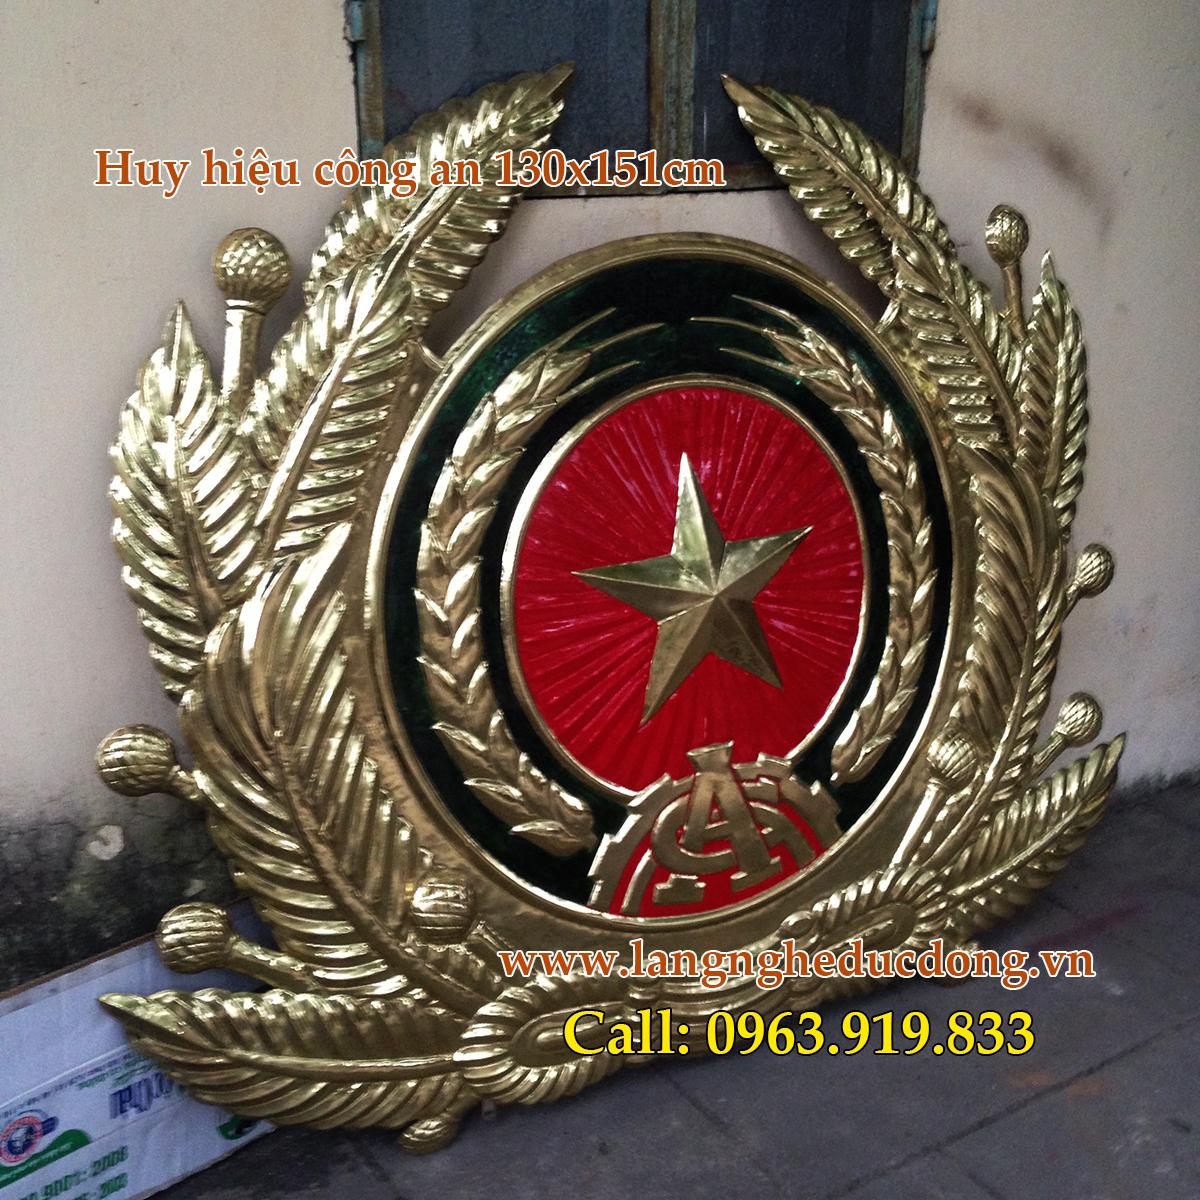 langngheducdong.vn - huy hiệu công an, công an hiệu bằng đồng, gò huy hiệu công an